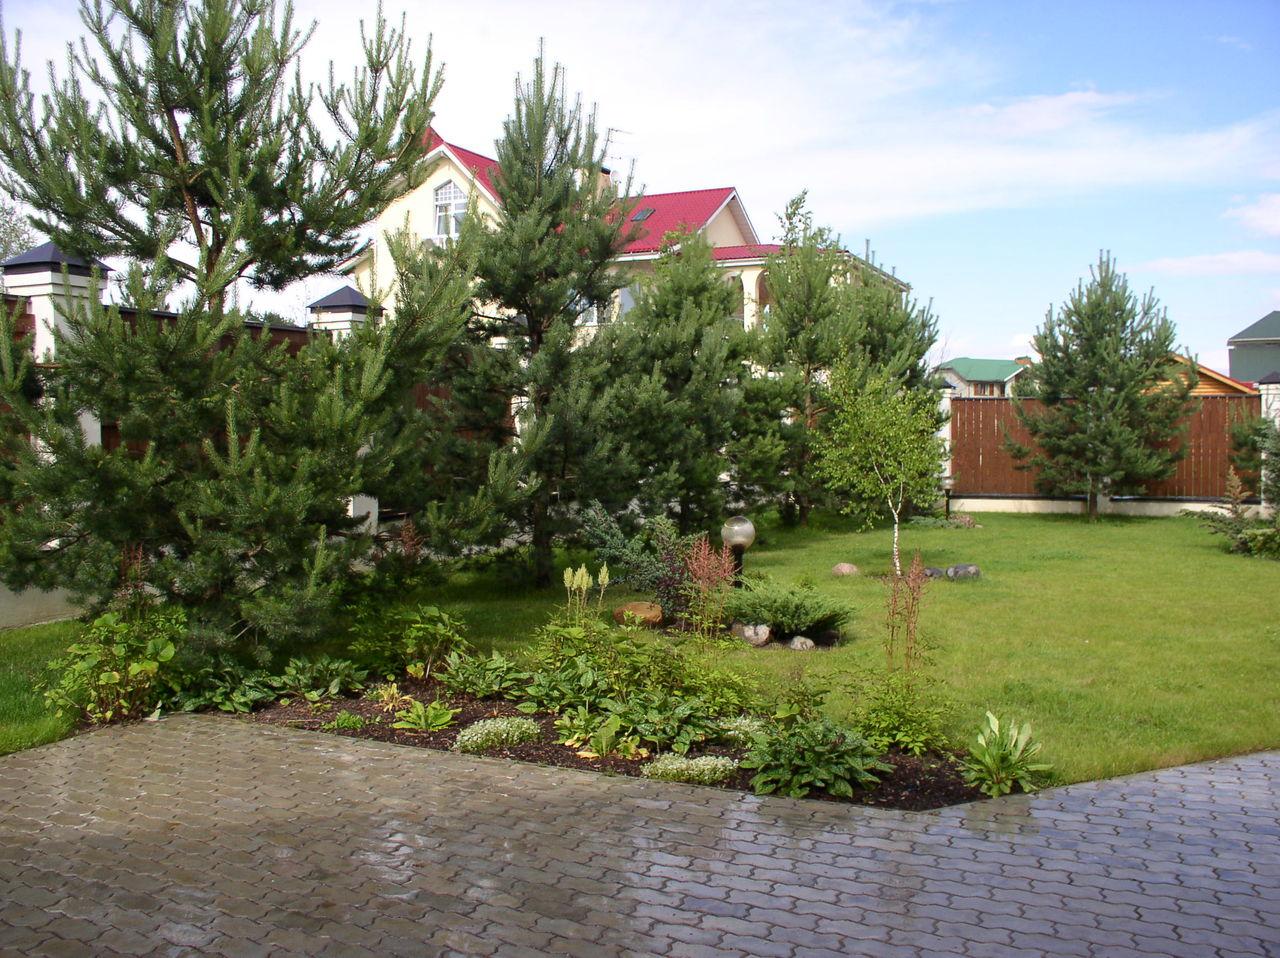 Посадка сосны осенью из леса, выбор деревца, подготовка места на участке, уход